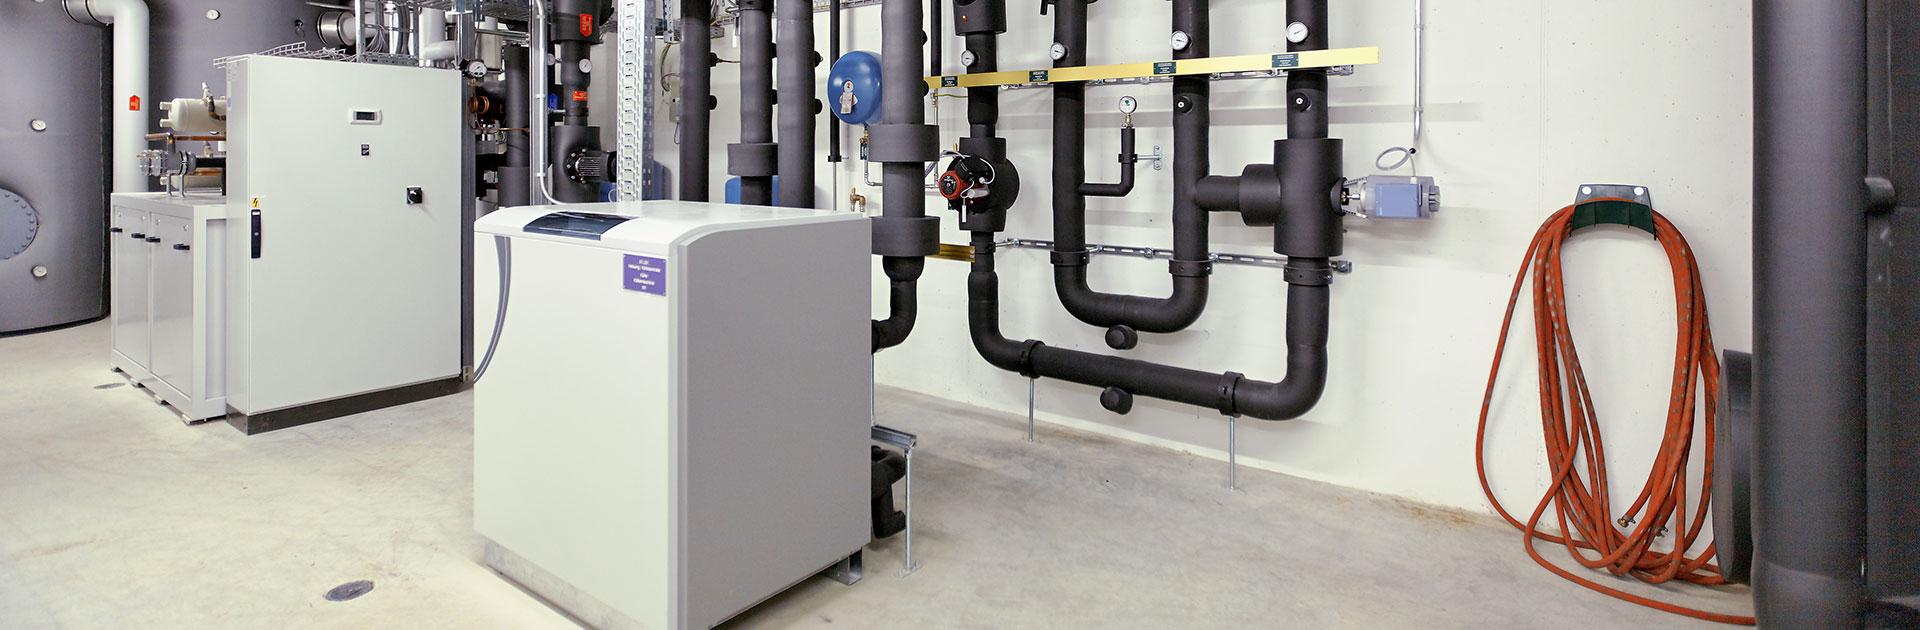 K&S Sanitär- & Heizungen | Heizungsanlage| Parallax